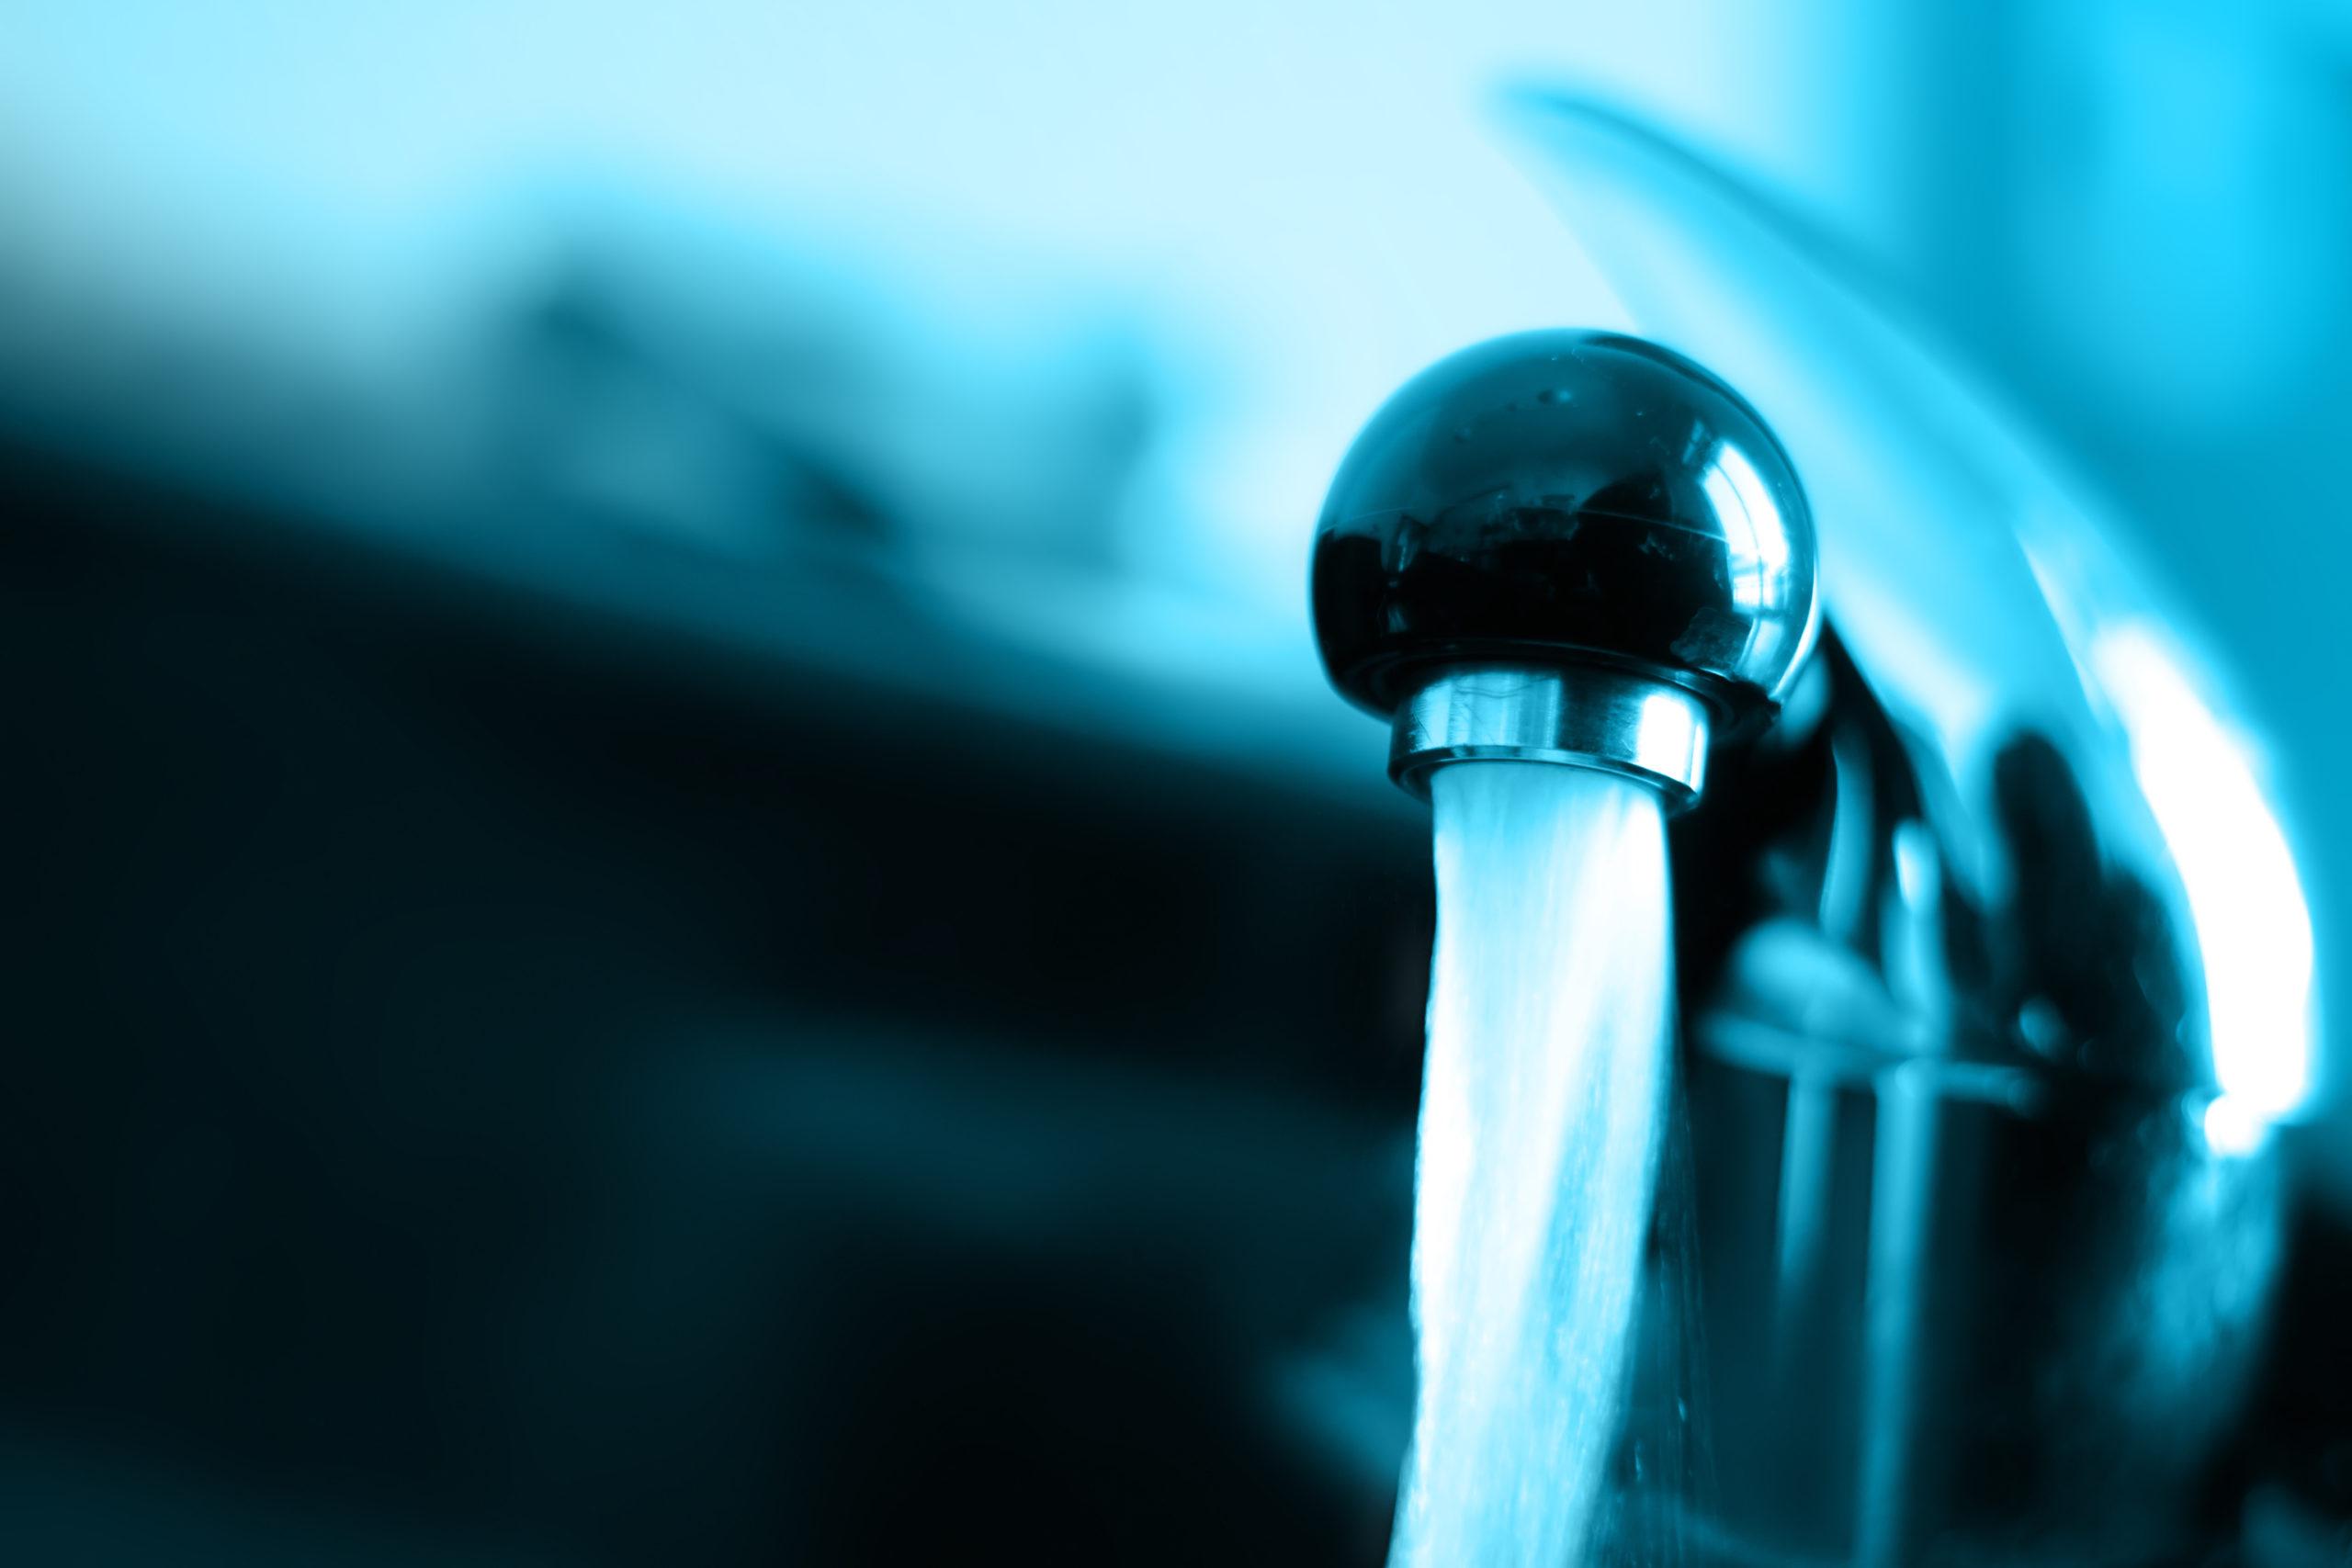 22 способа экономить расход воды в доме. Или как уменьшить коммунальные платежи.